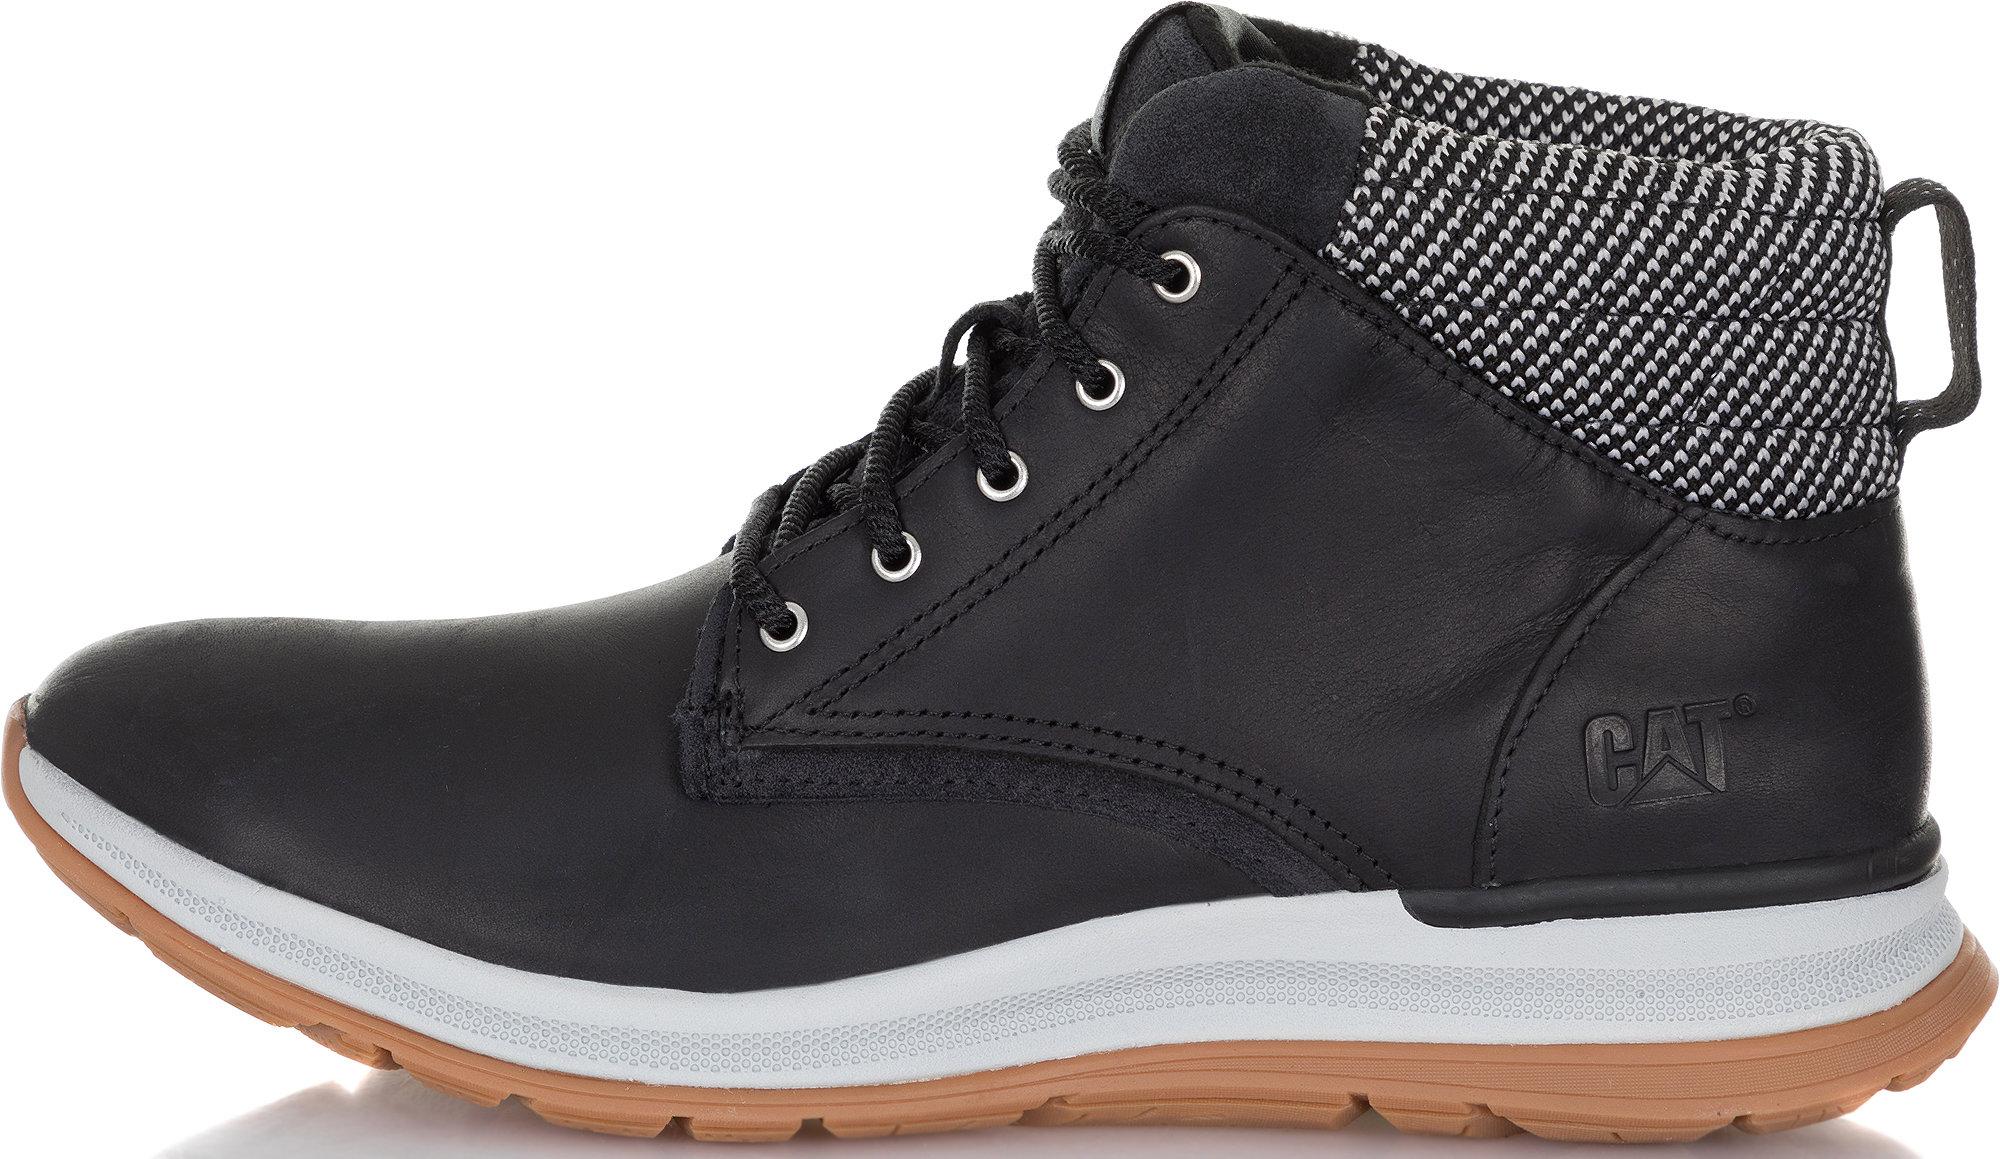 a1dee031 Ботинки CATERPILLAR 310694 STARSTRUCK FLEECE женские, цвет черный, рус.  размер 40